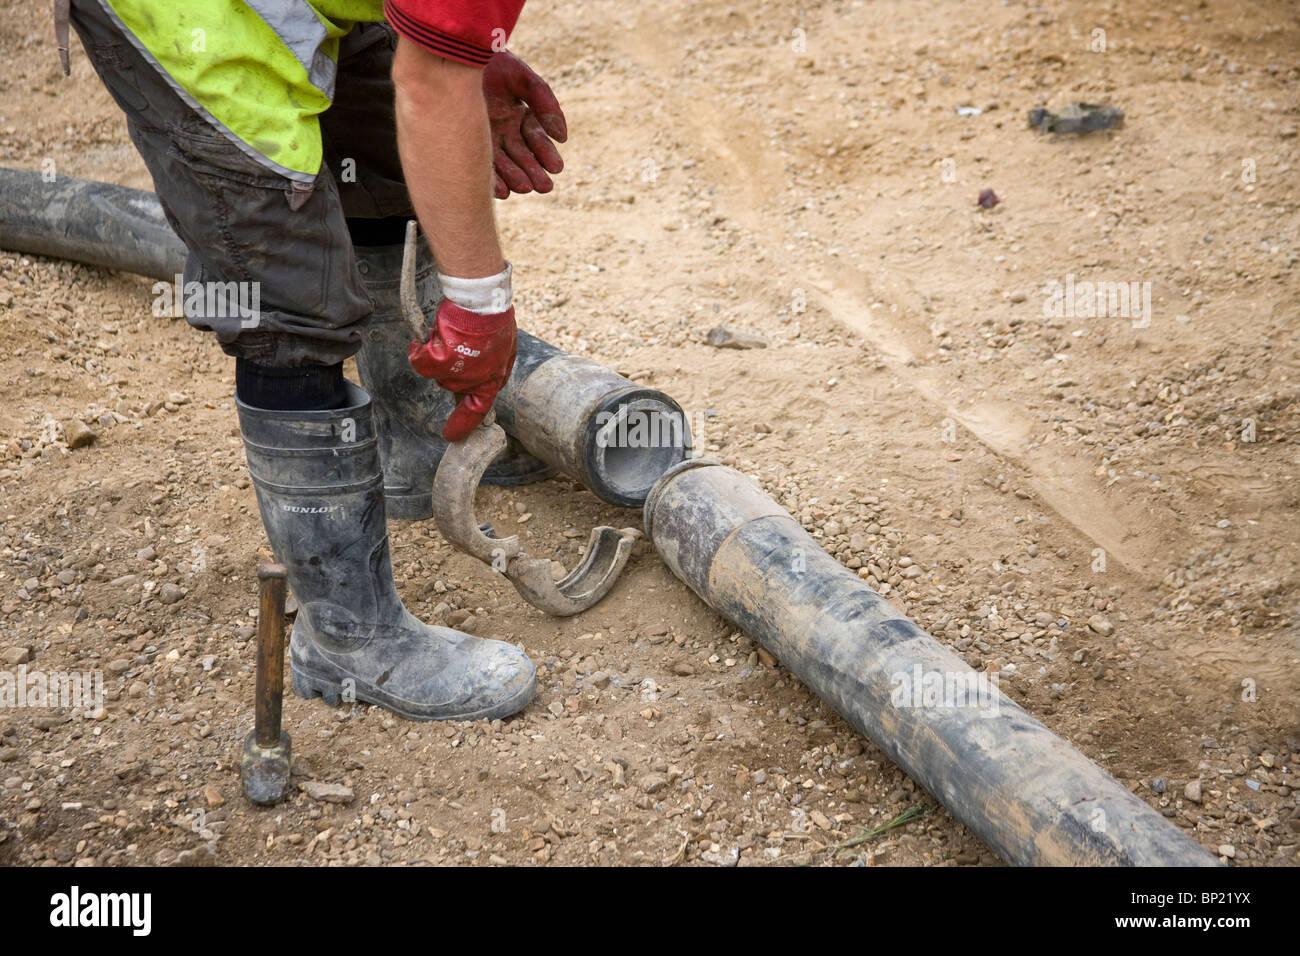 Montage eine Schlauchverbindung, Längen von Schlauch zusammen fertig mit Pumpe Beton zu verknüpfen. Stockbild